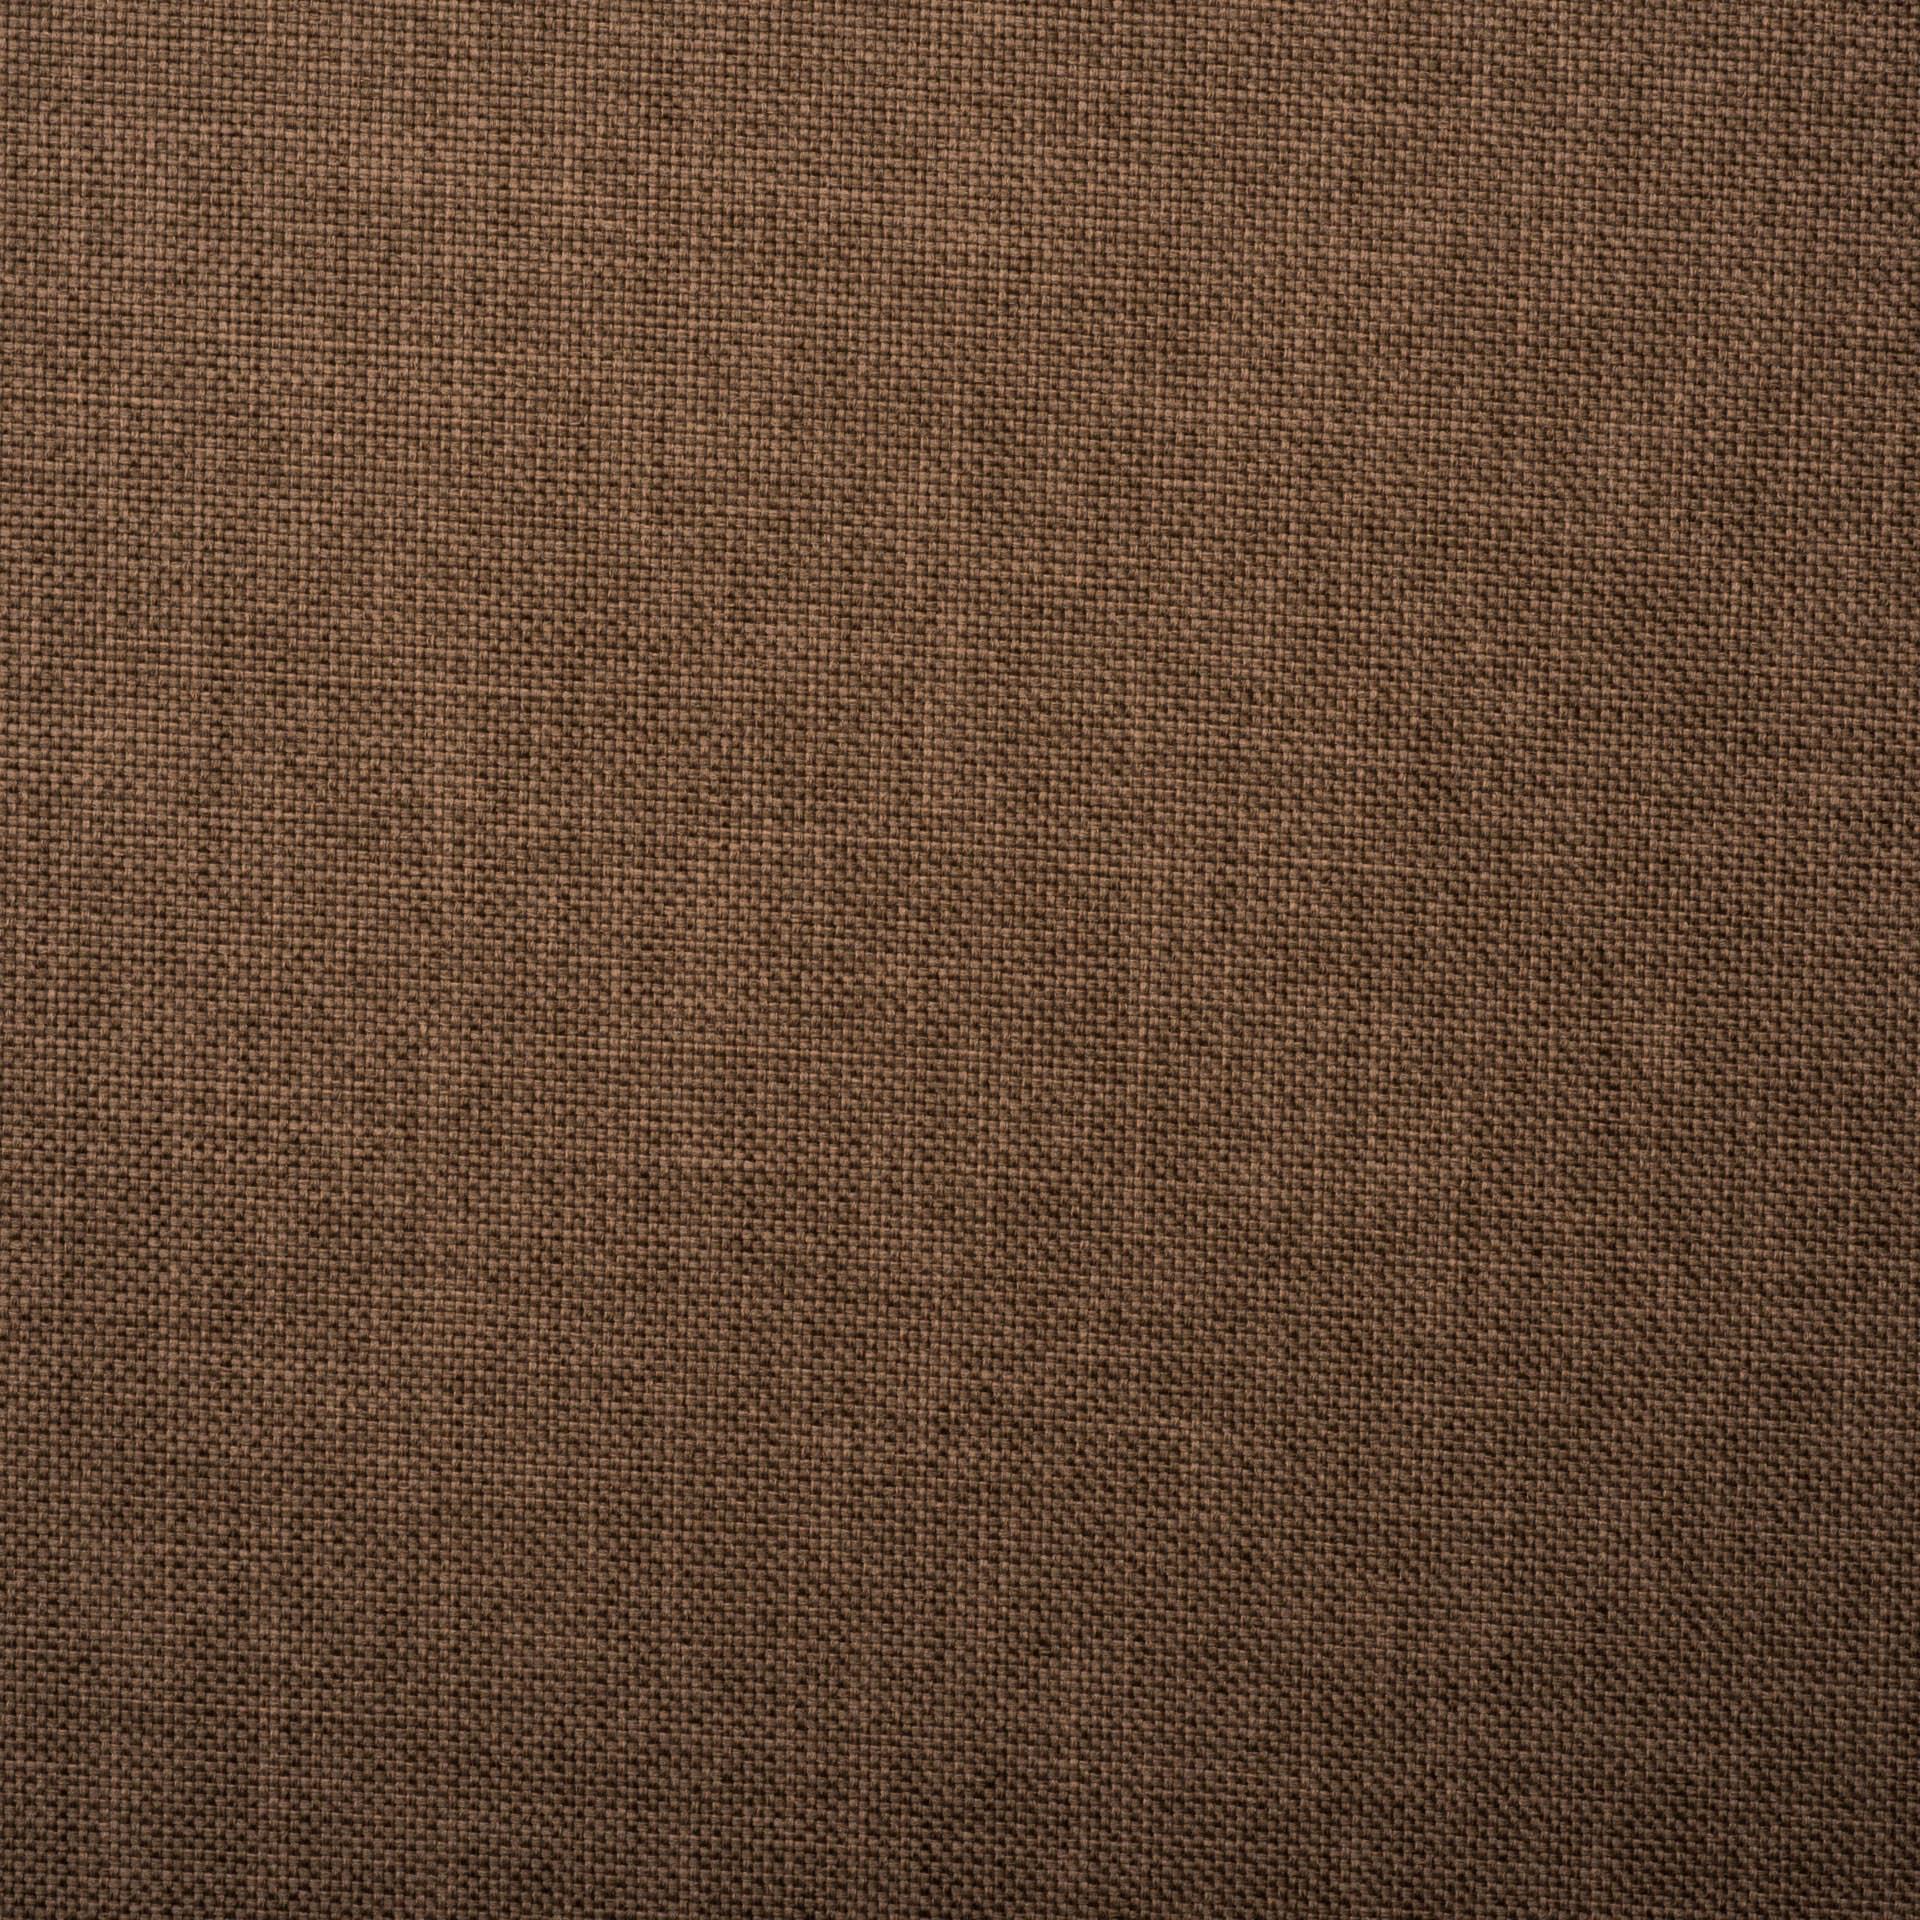 Коллекция ткани Саванна CARAMEL 02,  купить ткань Жаккард для мебели Украина